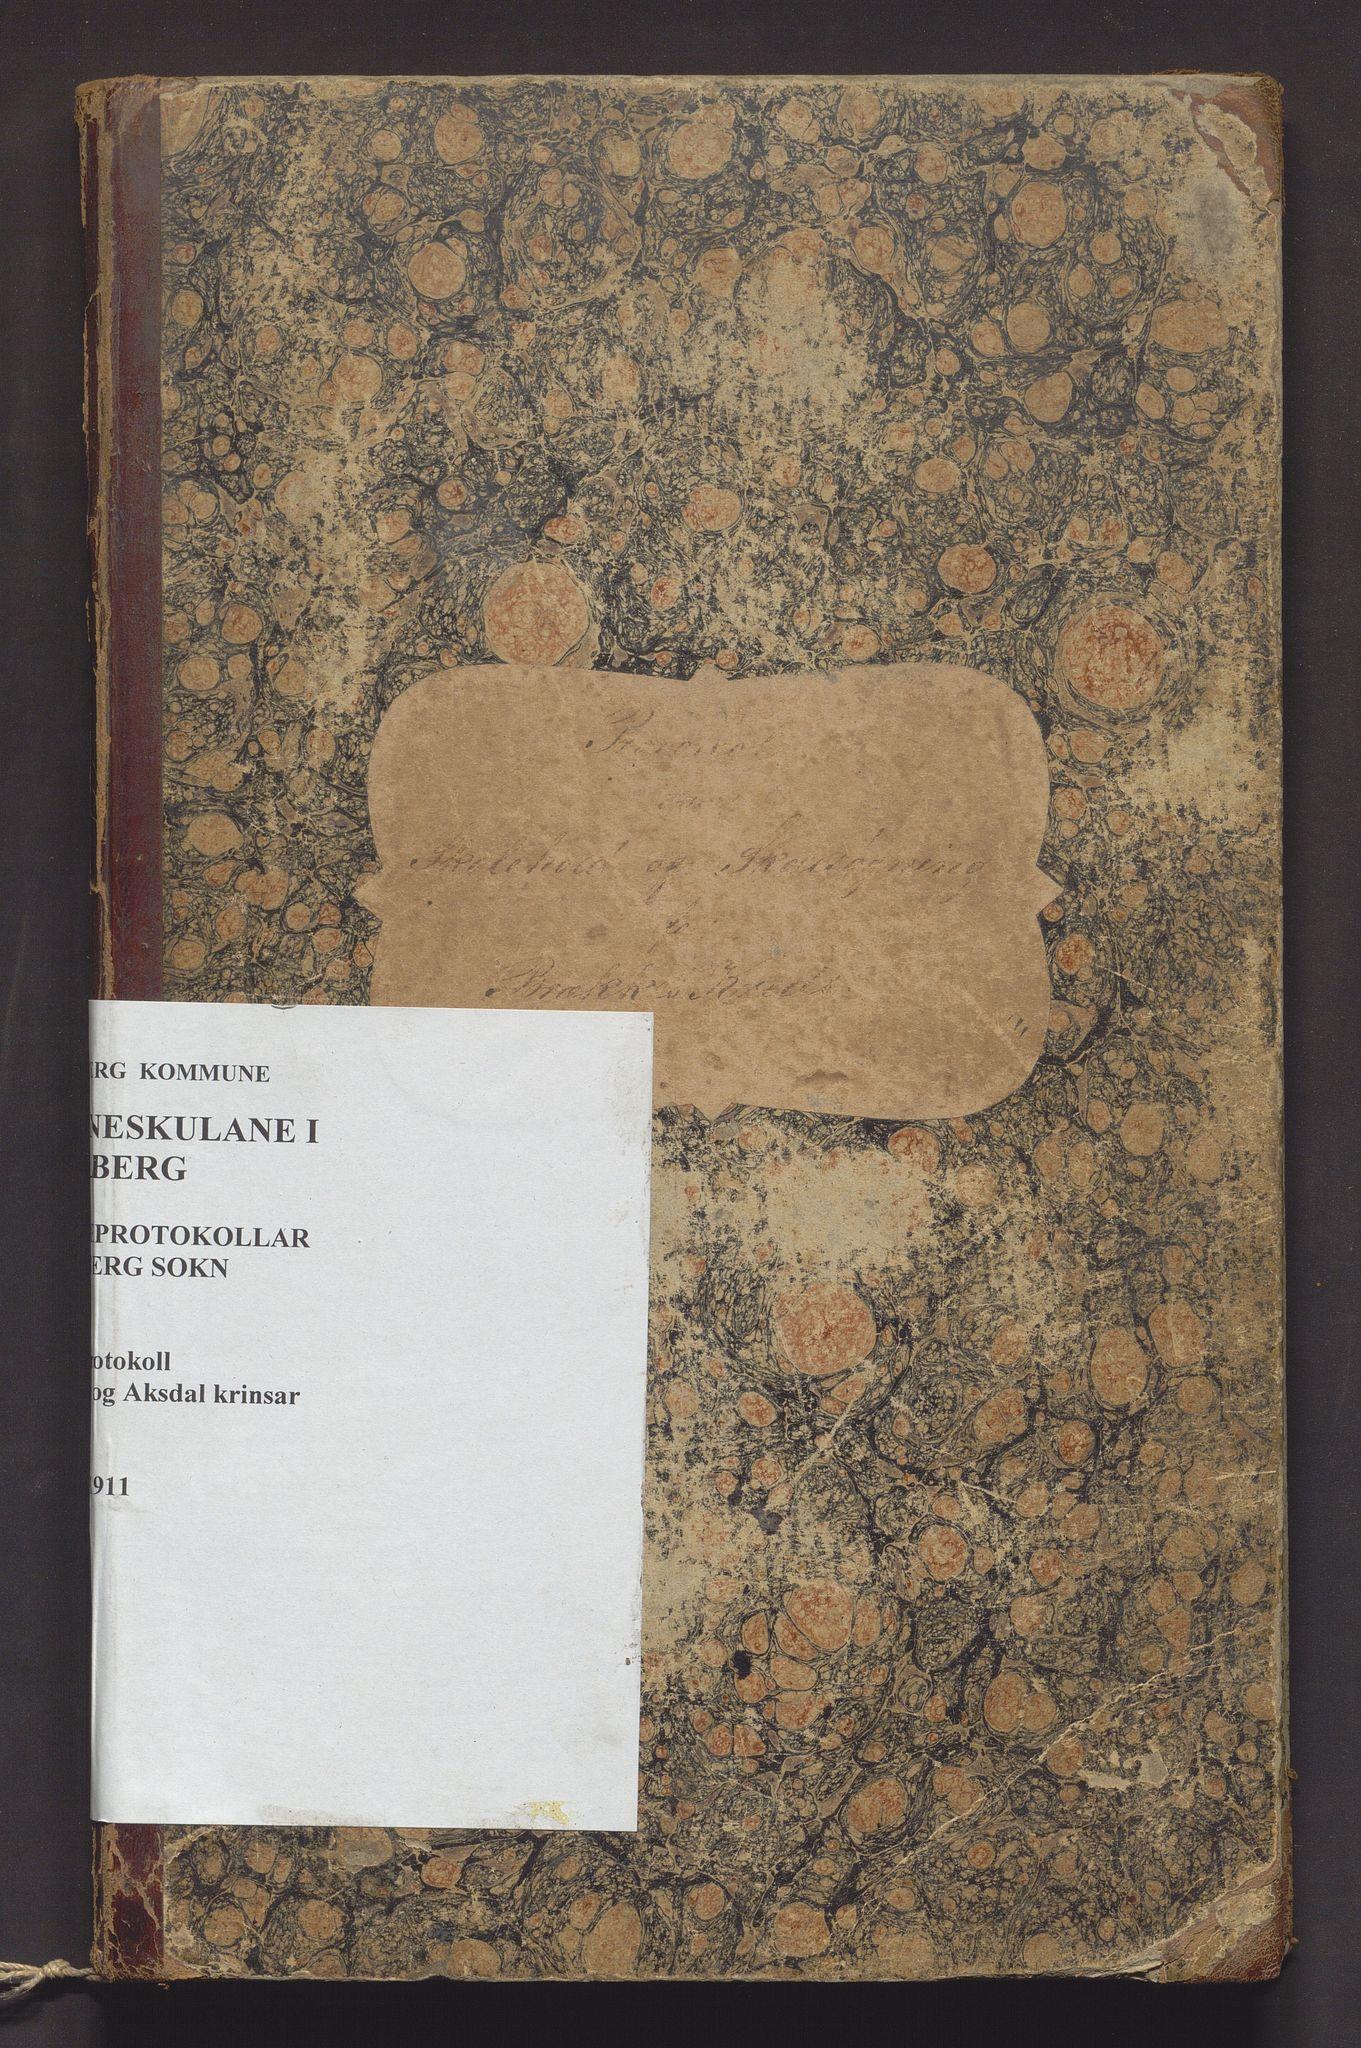 IKAH, Fjelberg kommune. Barneskulane, F/Fa/L0007: Skuleprotokoll for Brekke og Aksdal krinsar , 1885-1911